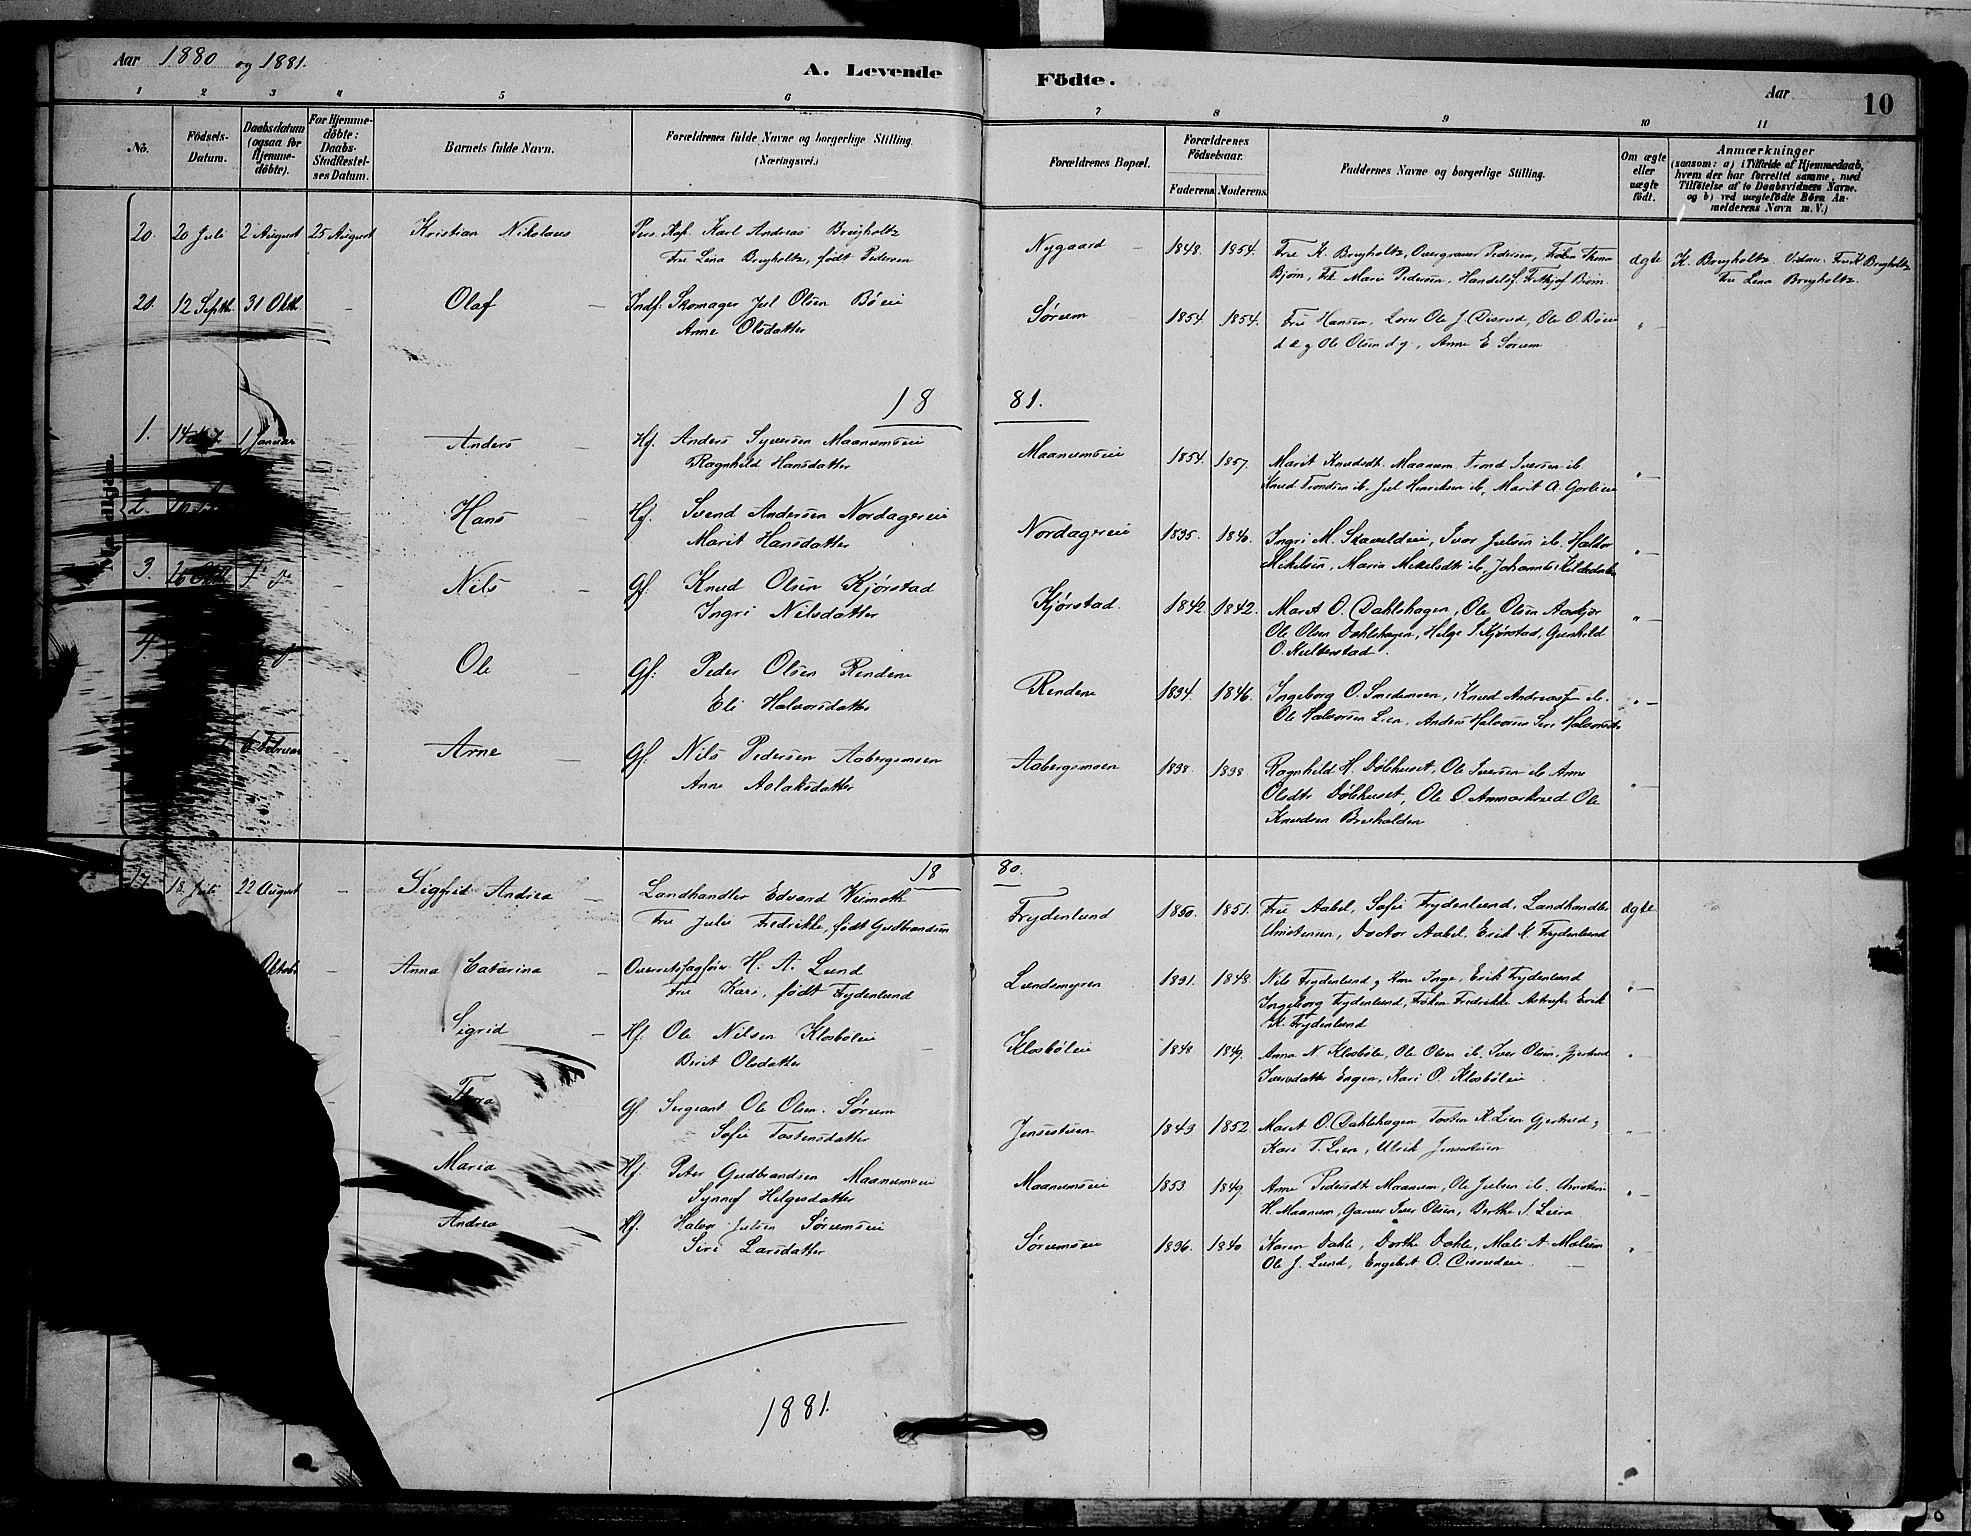 SAH, Nord-Aurdal prestekontor, Klokkerbok nr. 6, 1878-1892, s. 10